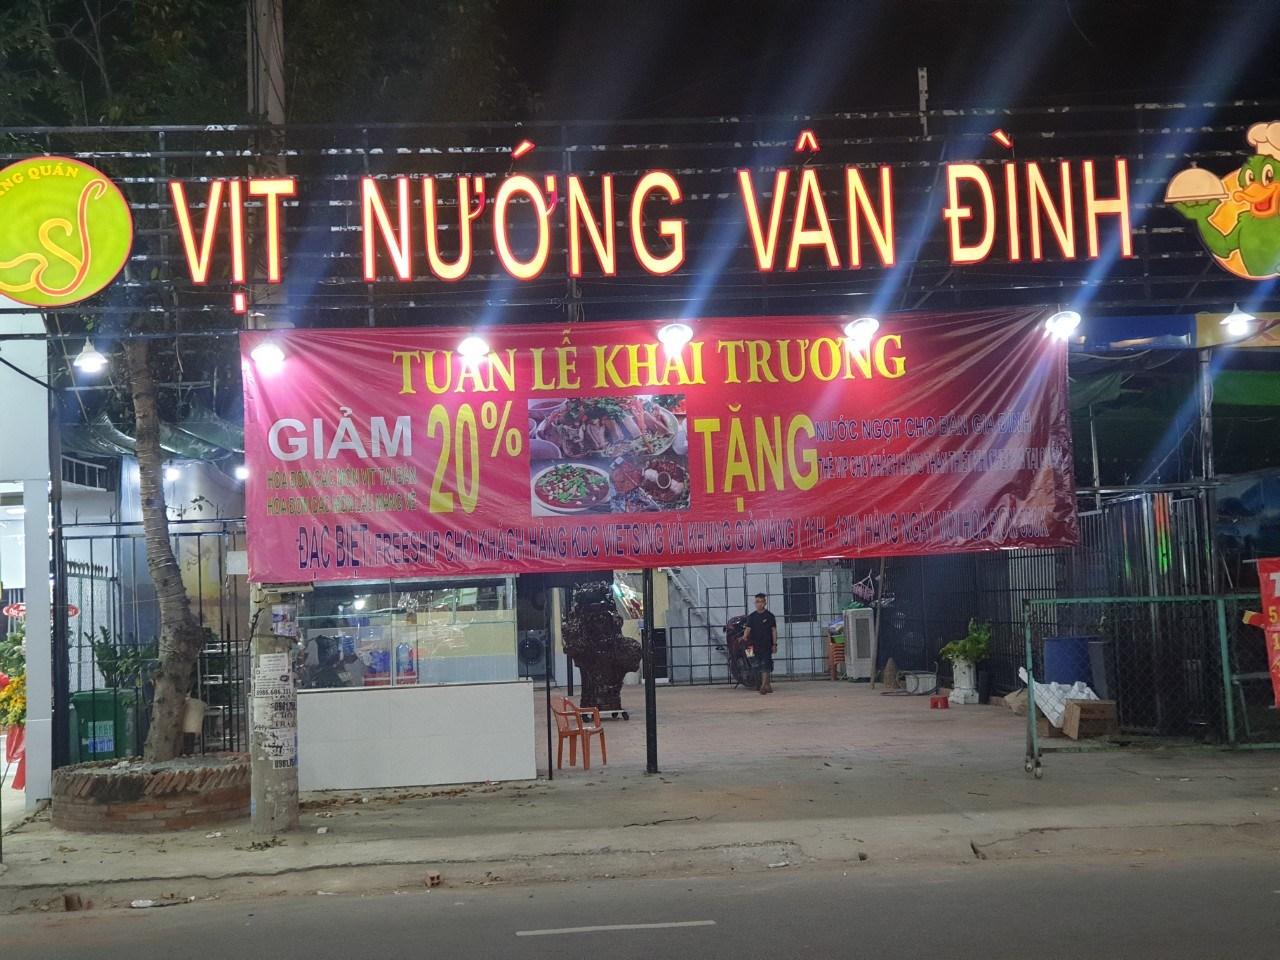 Top 31 Nhà hàng quán ăn ngon Bình Dương: Thủ Dầu Một, Dĩ An, Thuận An